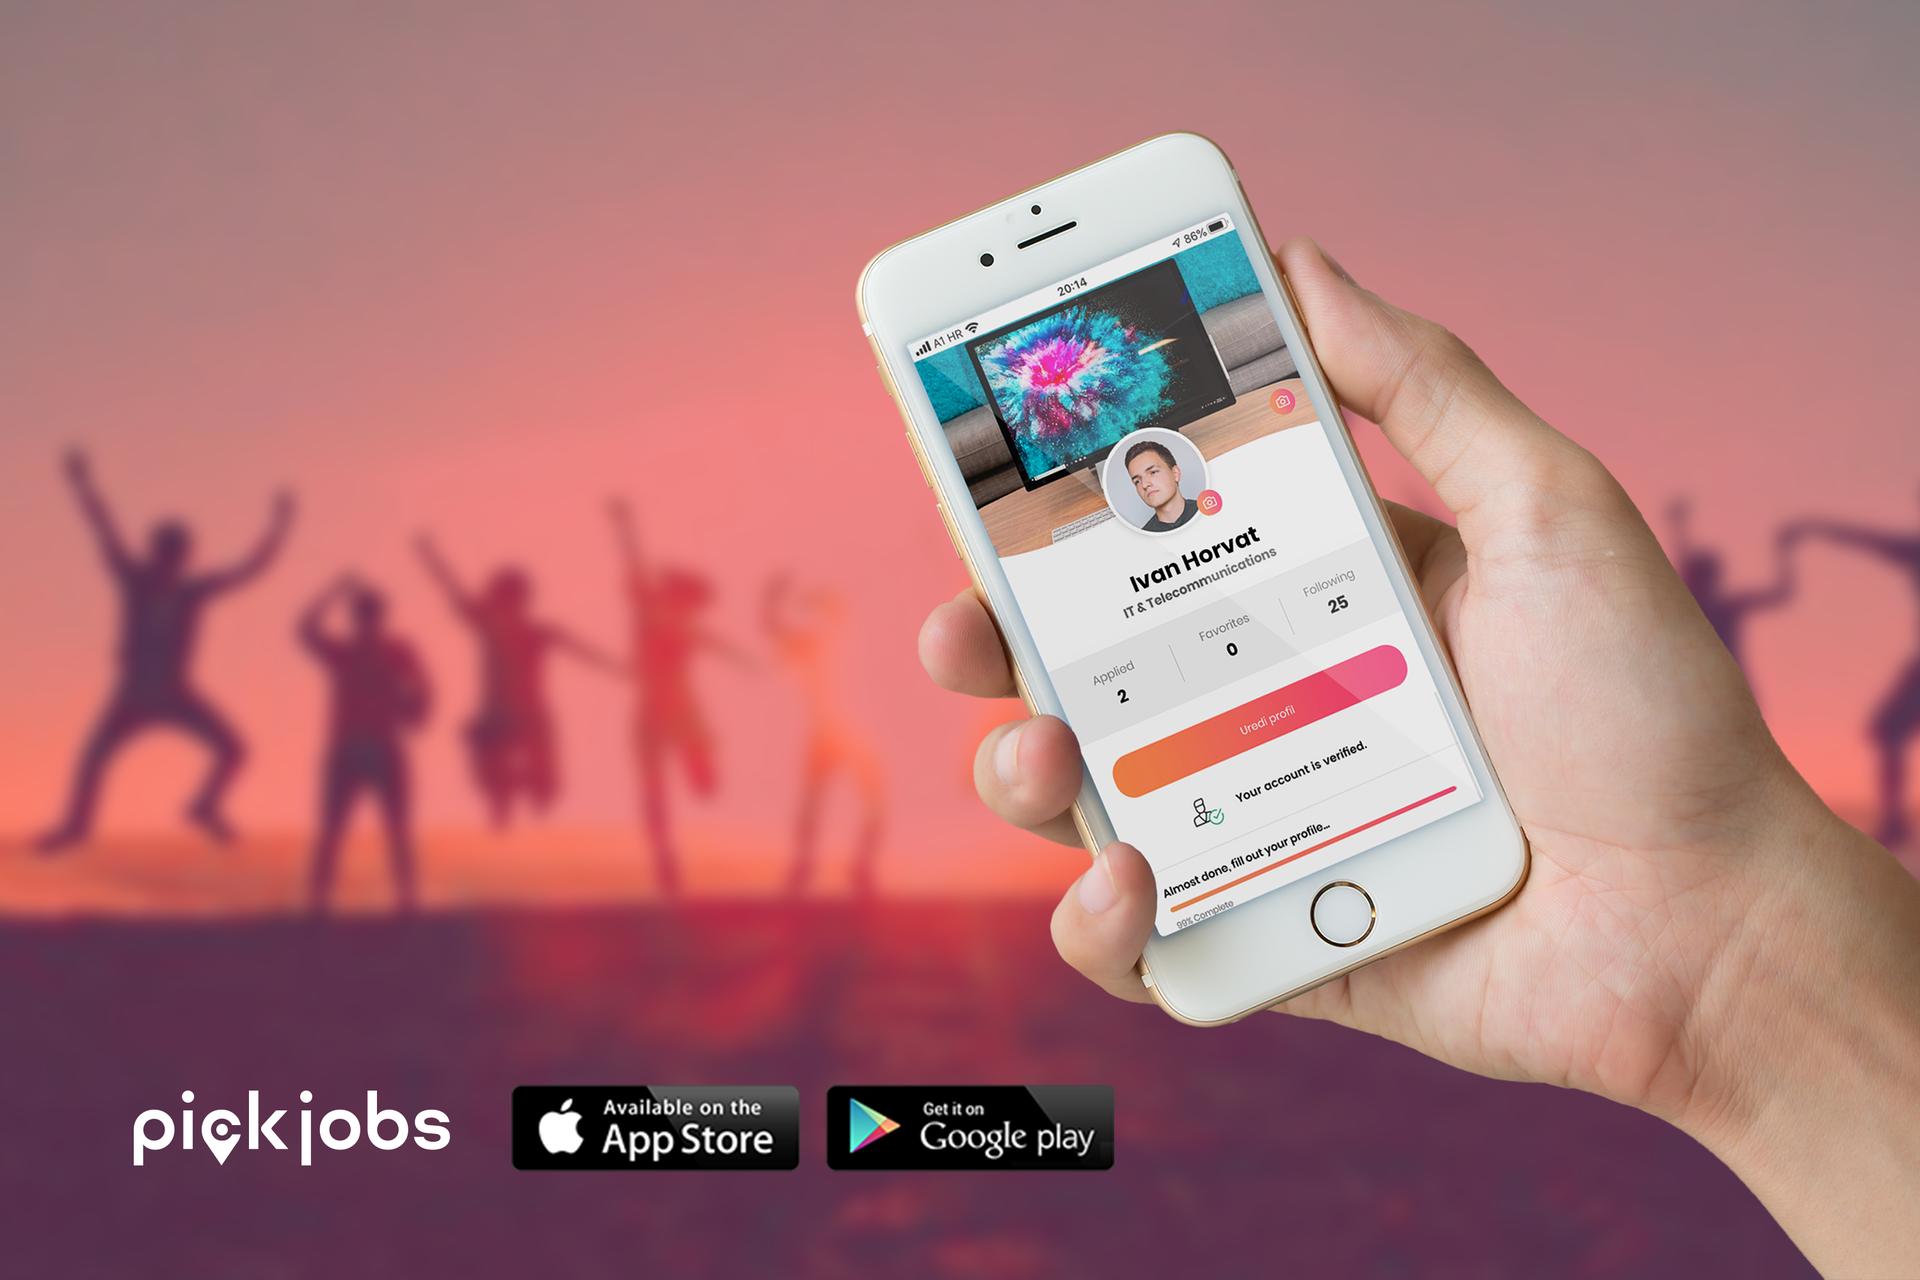 Hrvati osmislili moderan način kako doći do posla, imaju više od 3000 oglasa  na PickJobsu